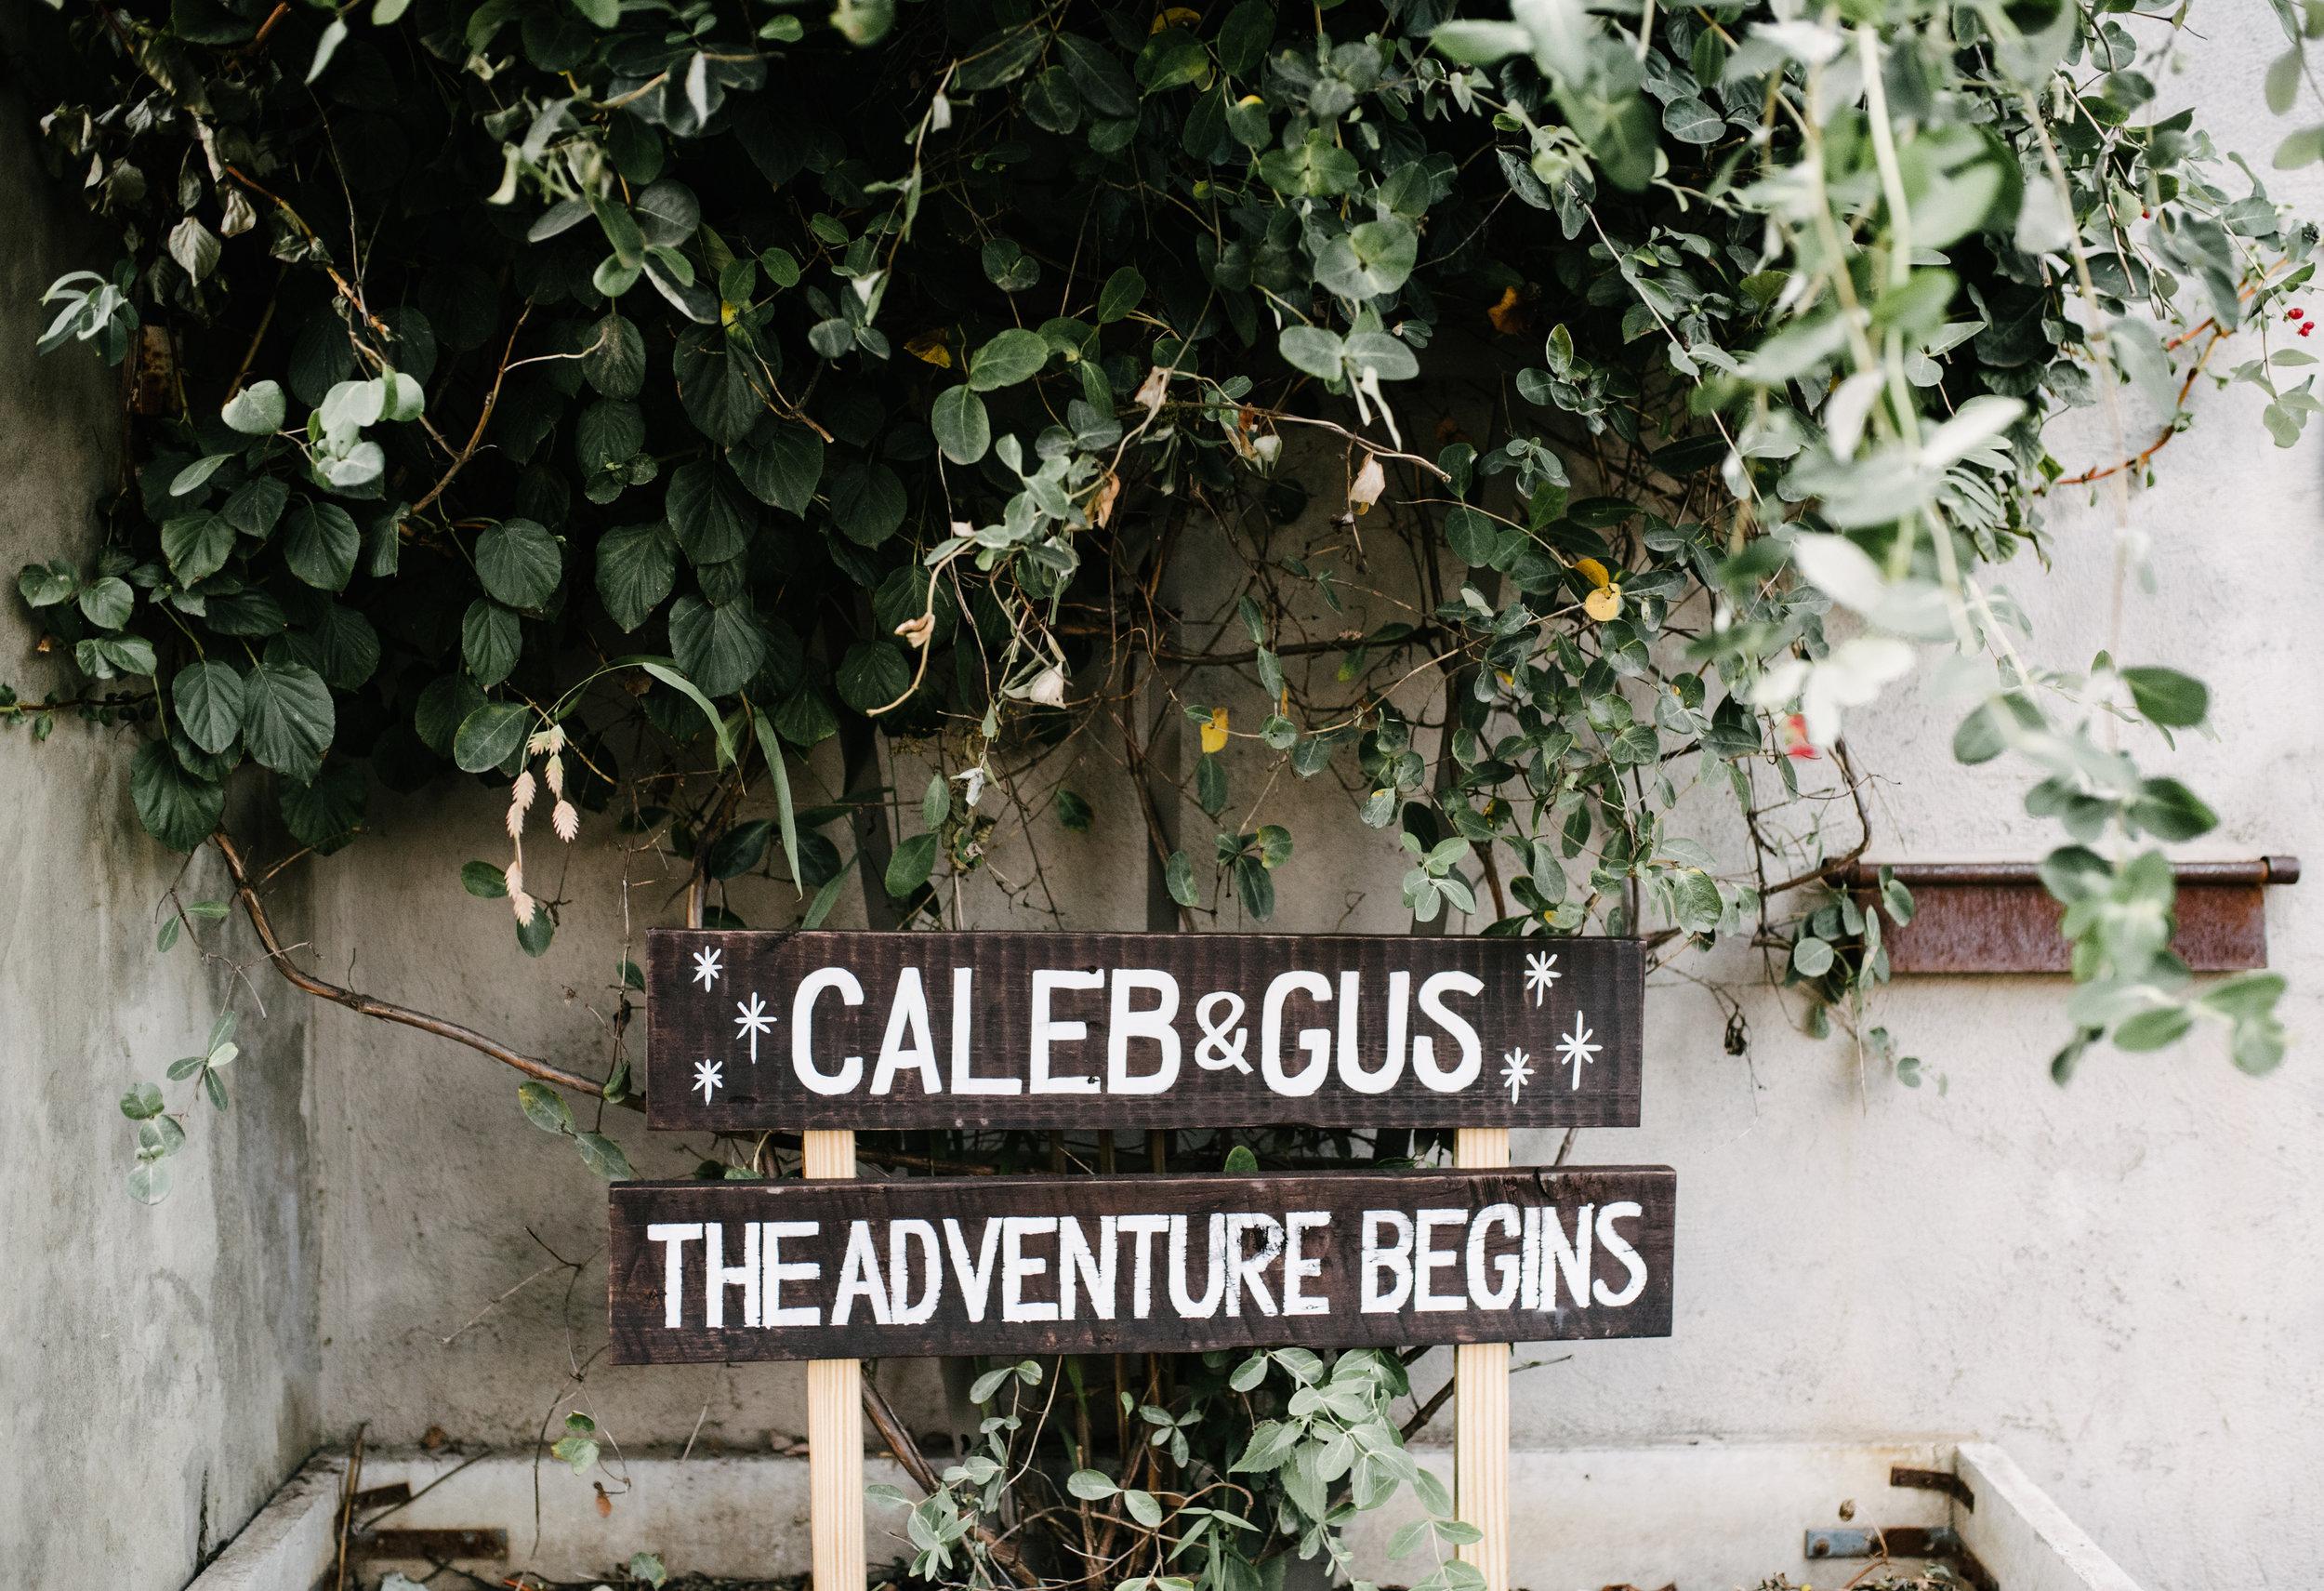 calebgus-5005.jpg